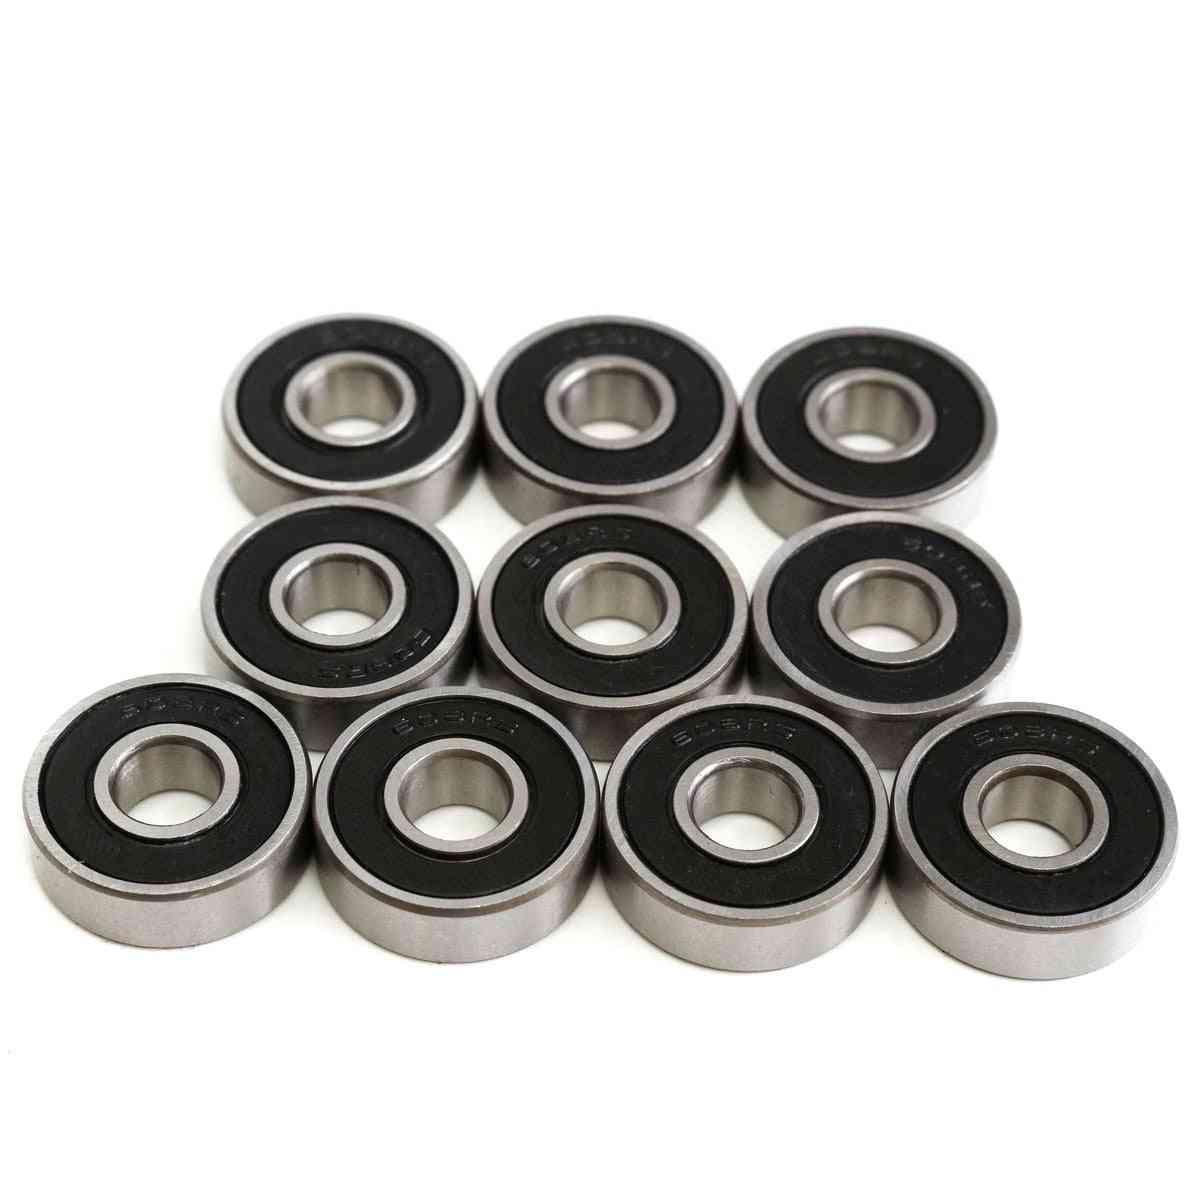 10pcs Abec-5 608 2rs Skateboard Wheels Bearing